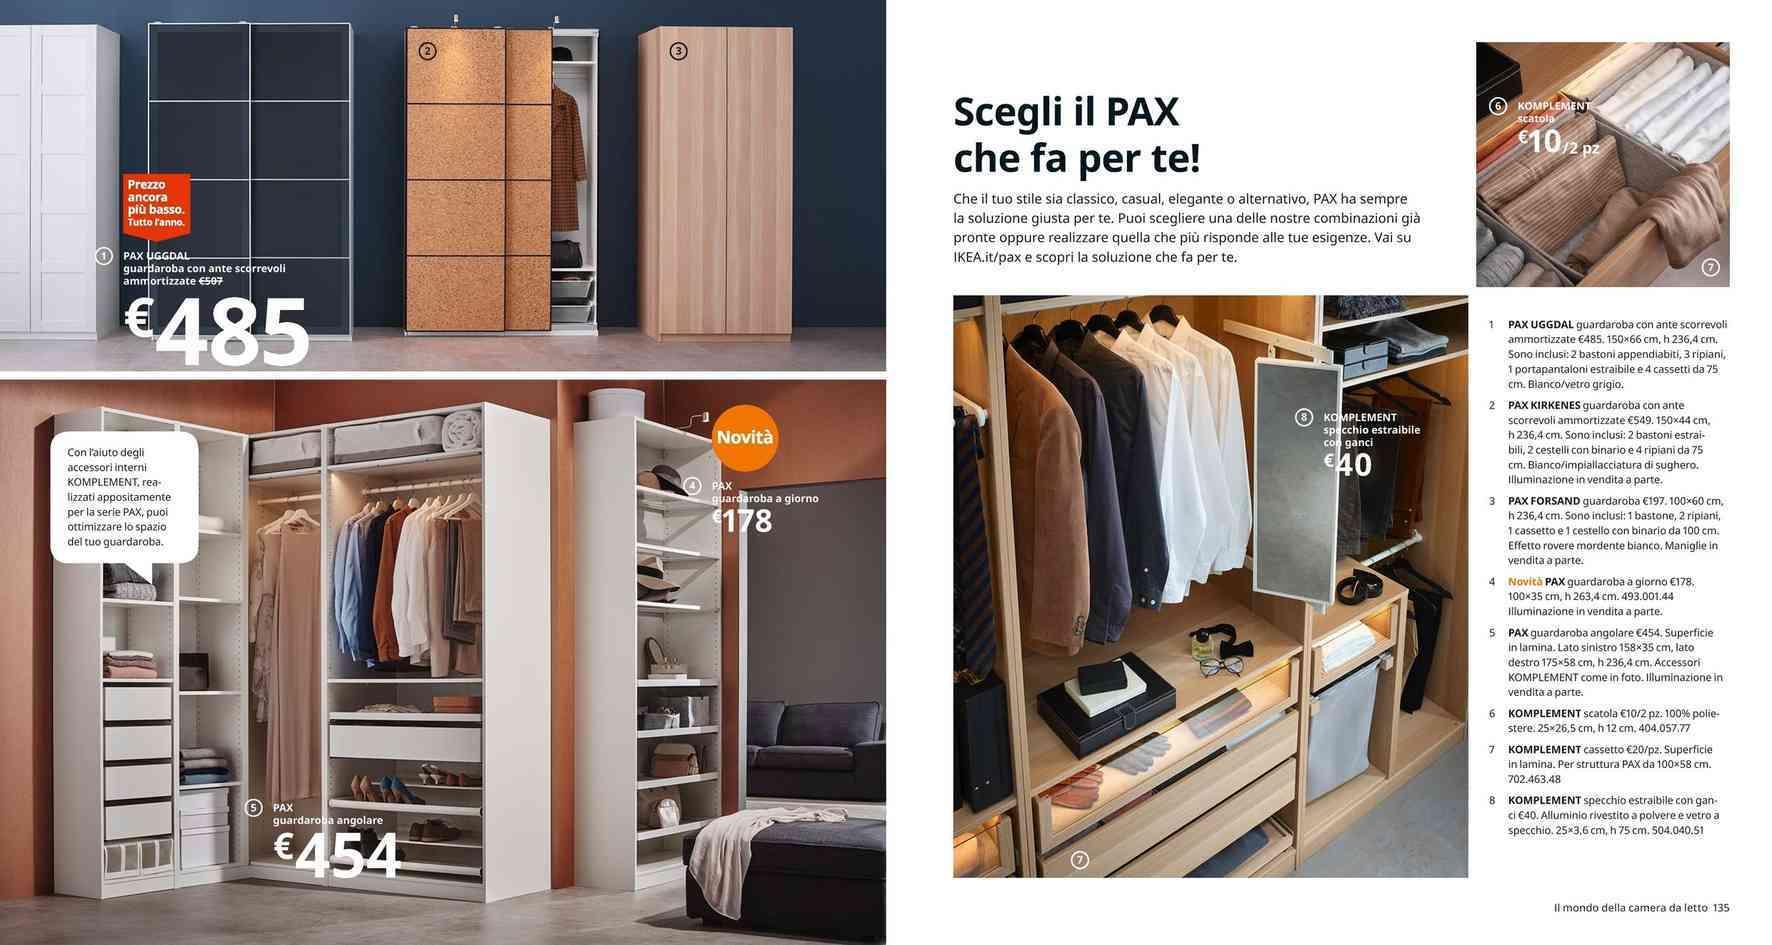 Ikea Pax Guardaroba 2 Ante.Offerte Guardaroba Negozi Per Arredare Casa Promoqui